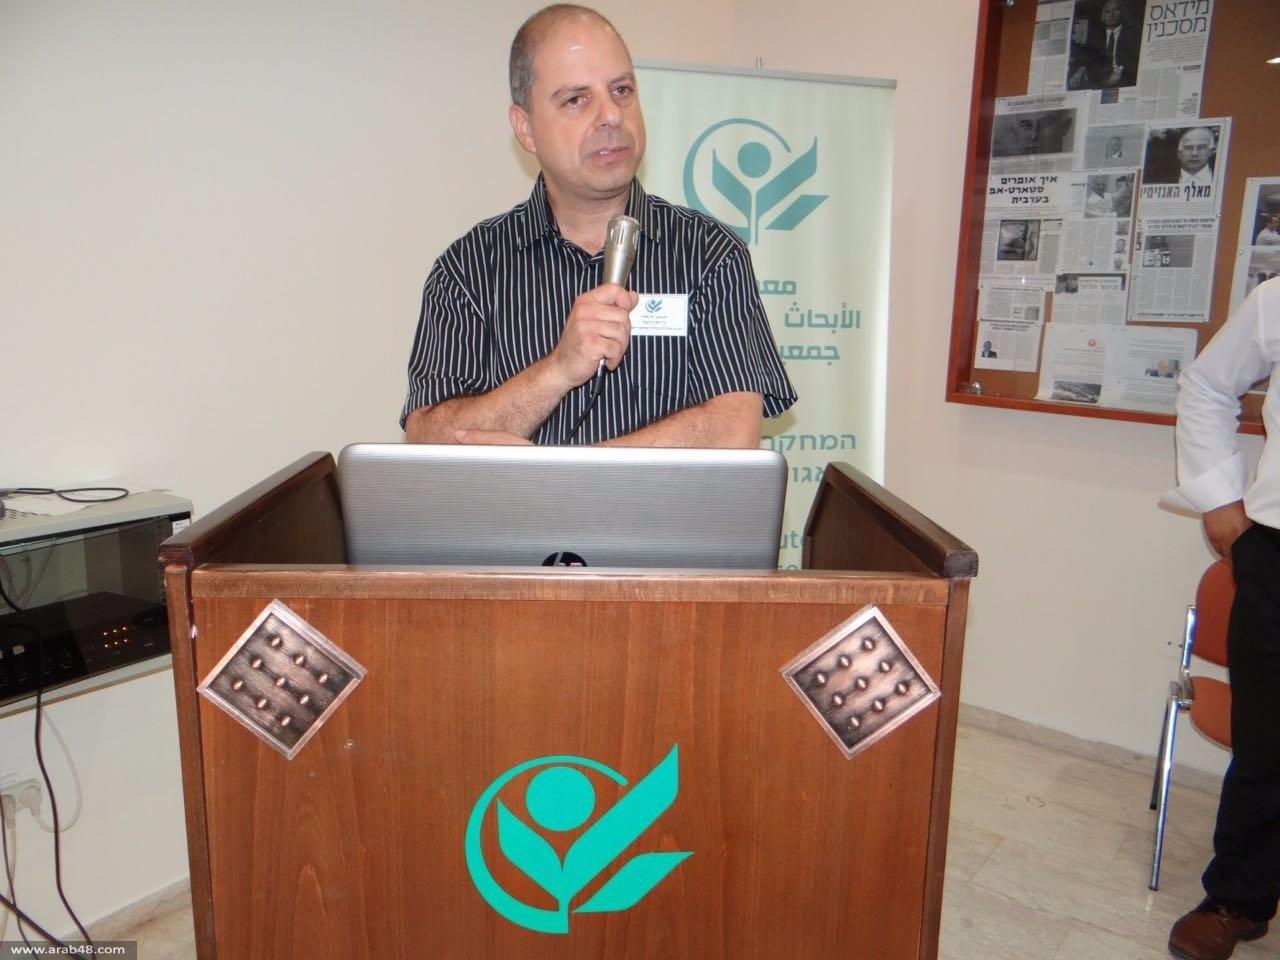 صباح: لقاءات عالمية بمبادرة جمعية الجليل-2